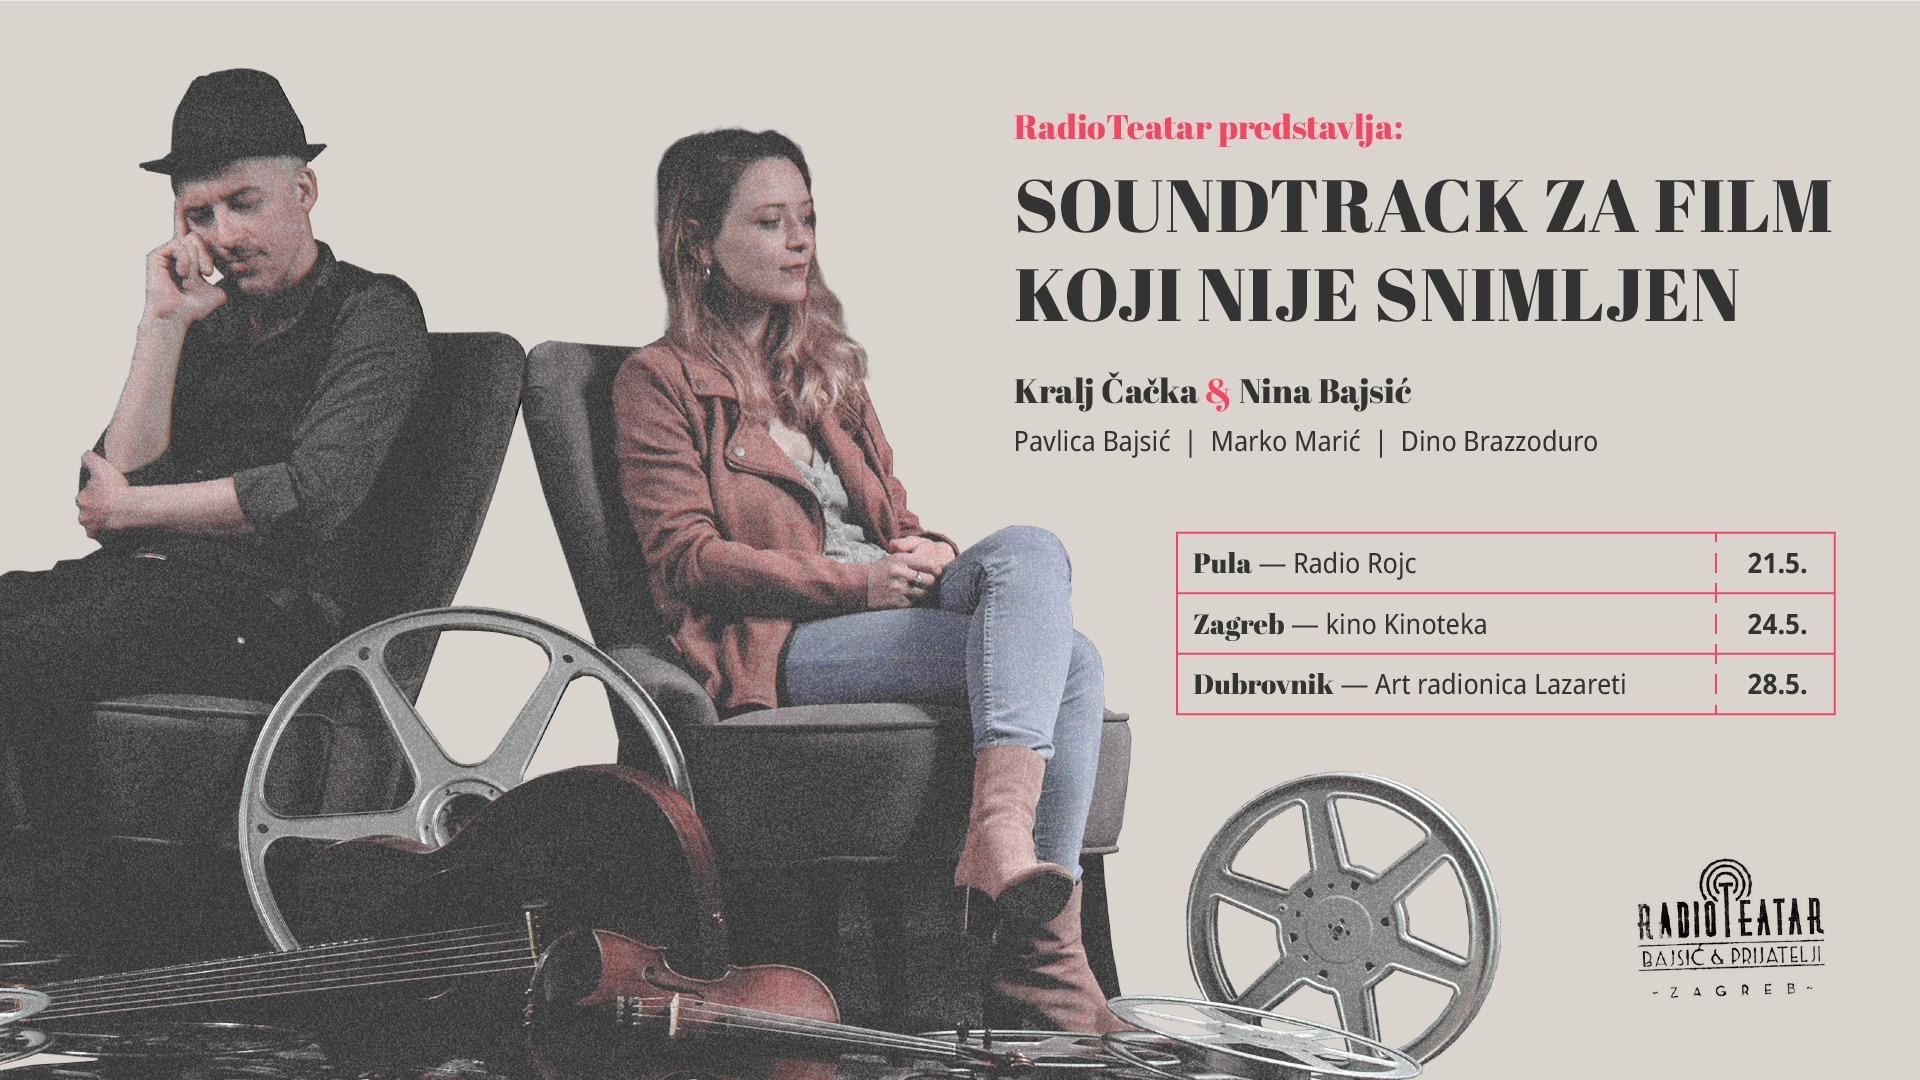 Premijera RadioTeatra | Soundtrack za film koji nije snimljen